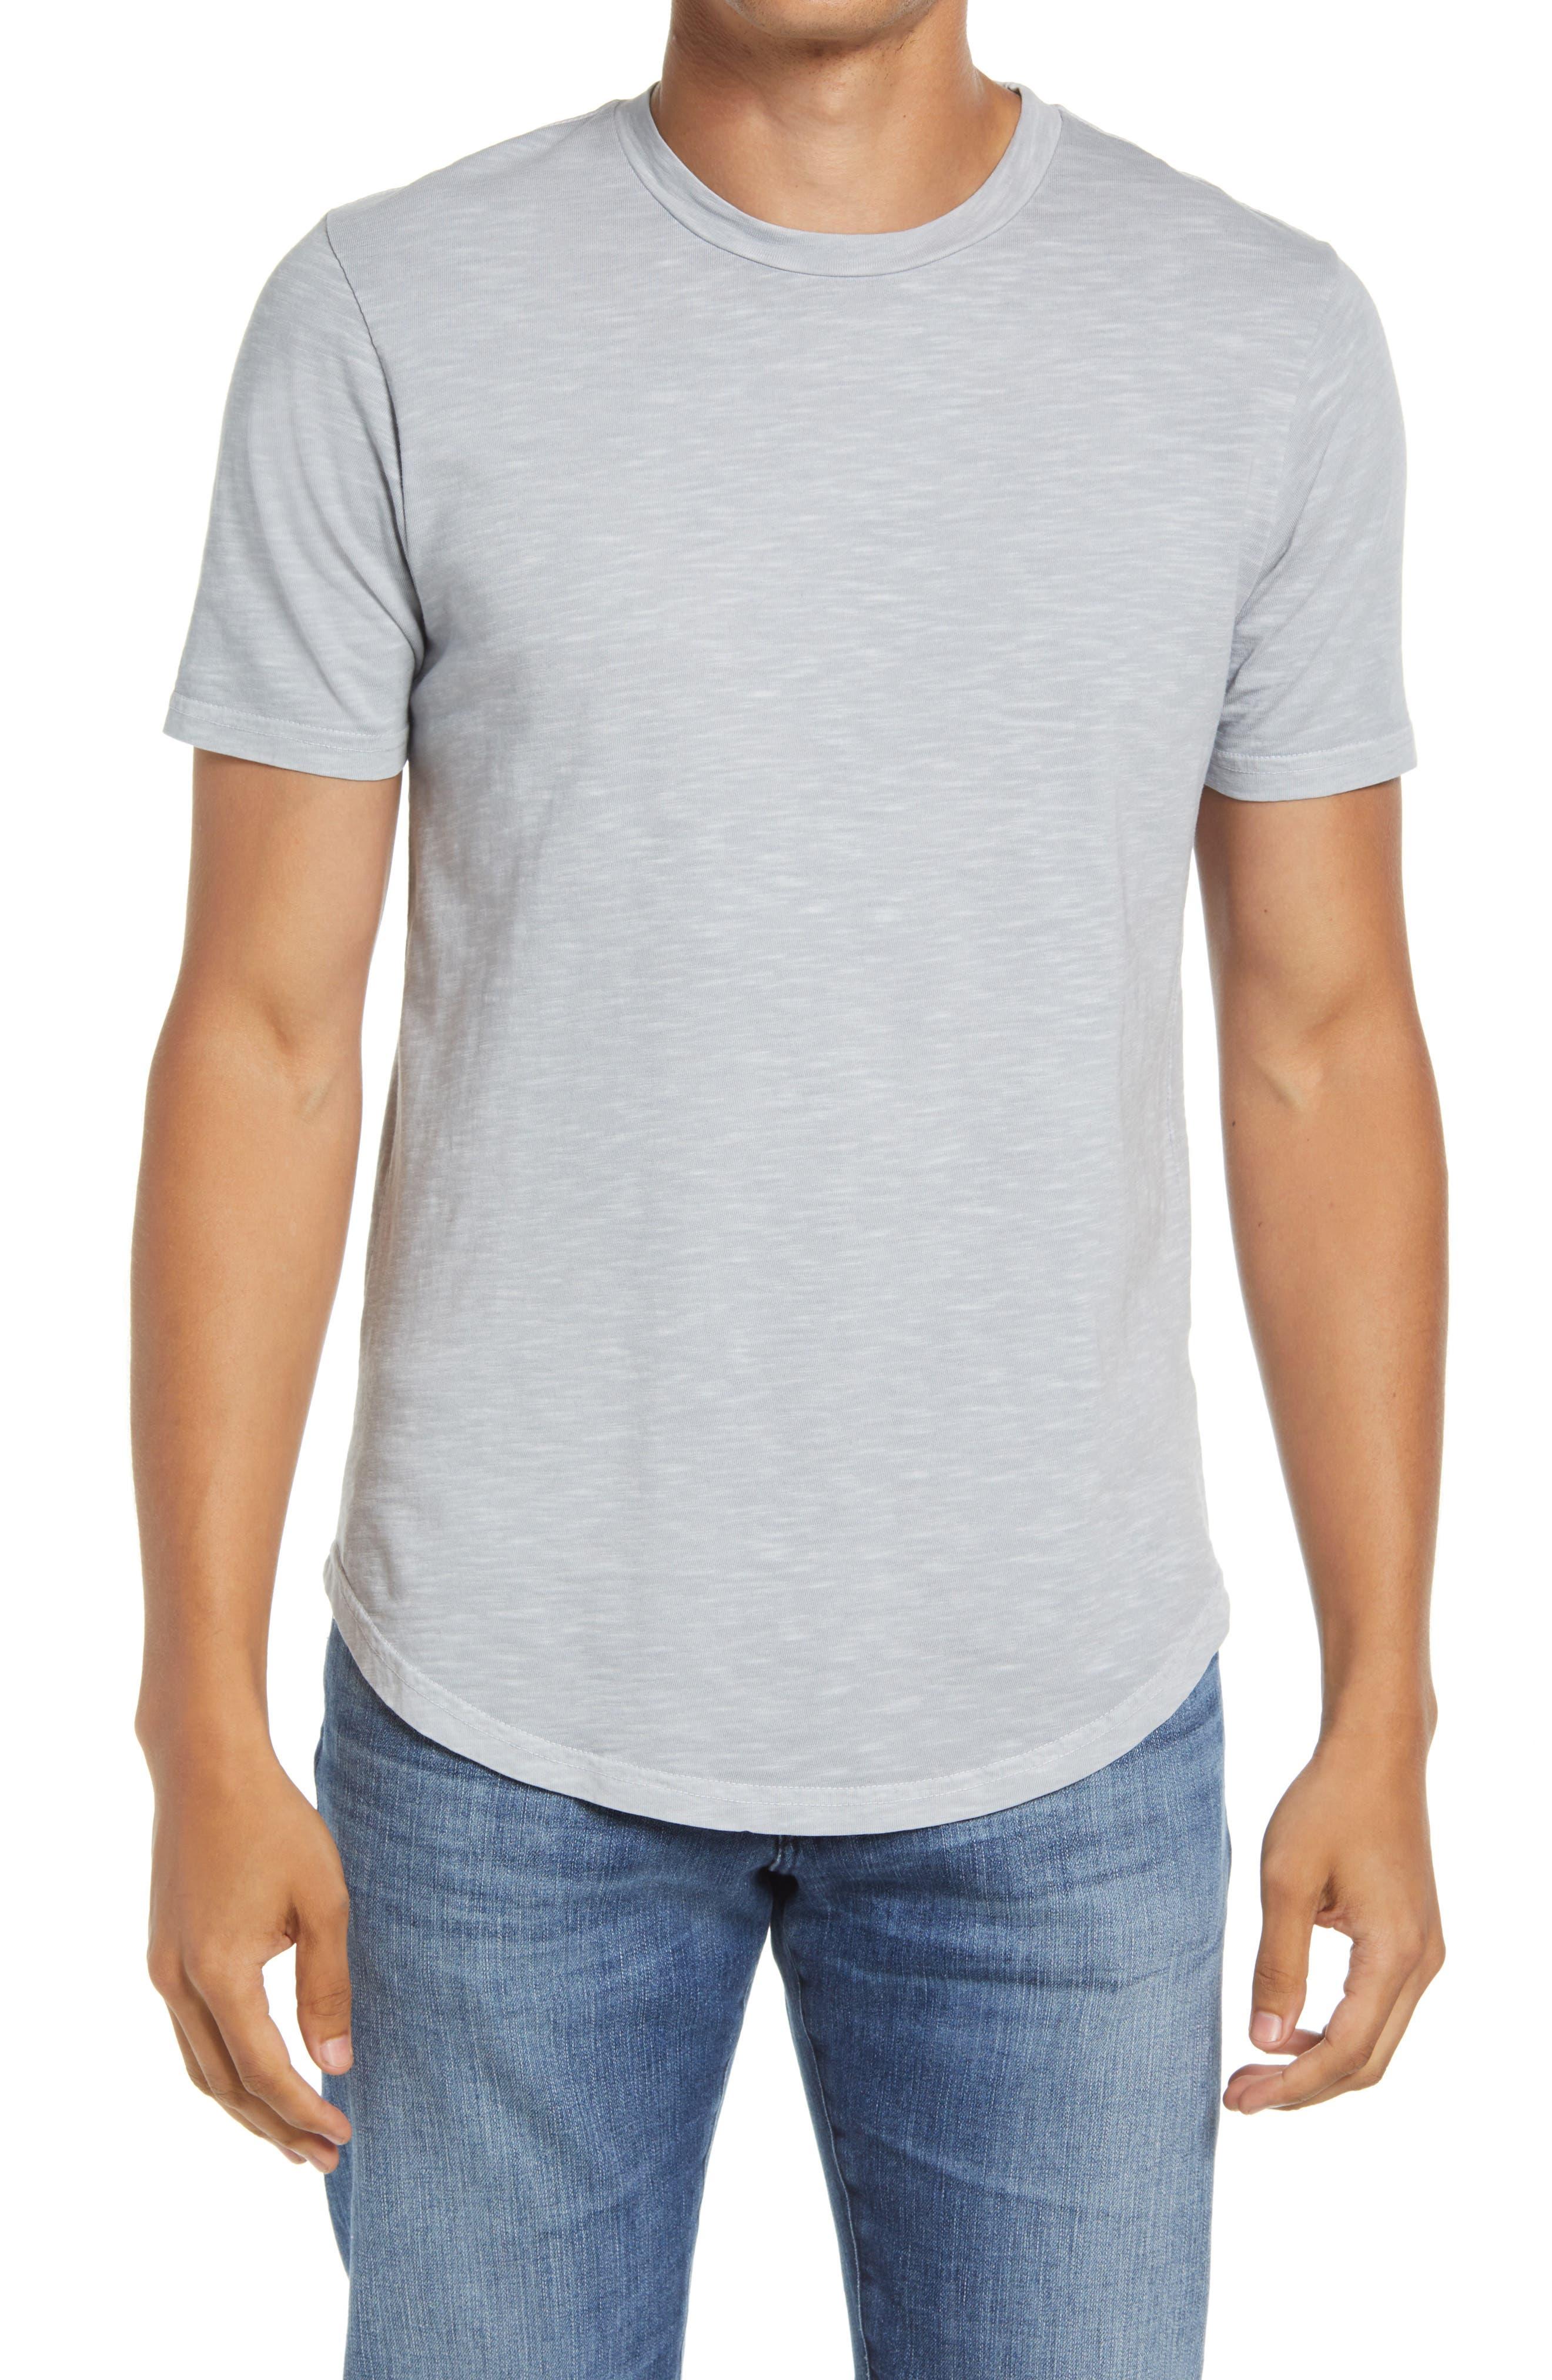 Scallop Short Sleeve T-Shirt